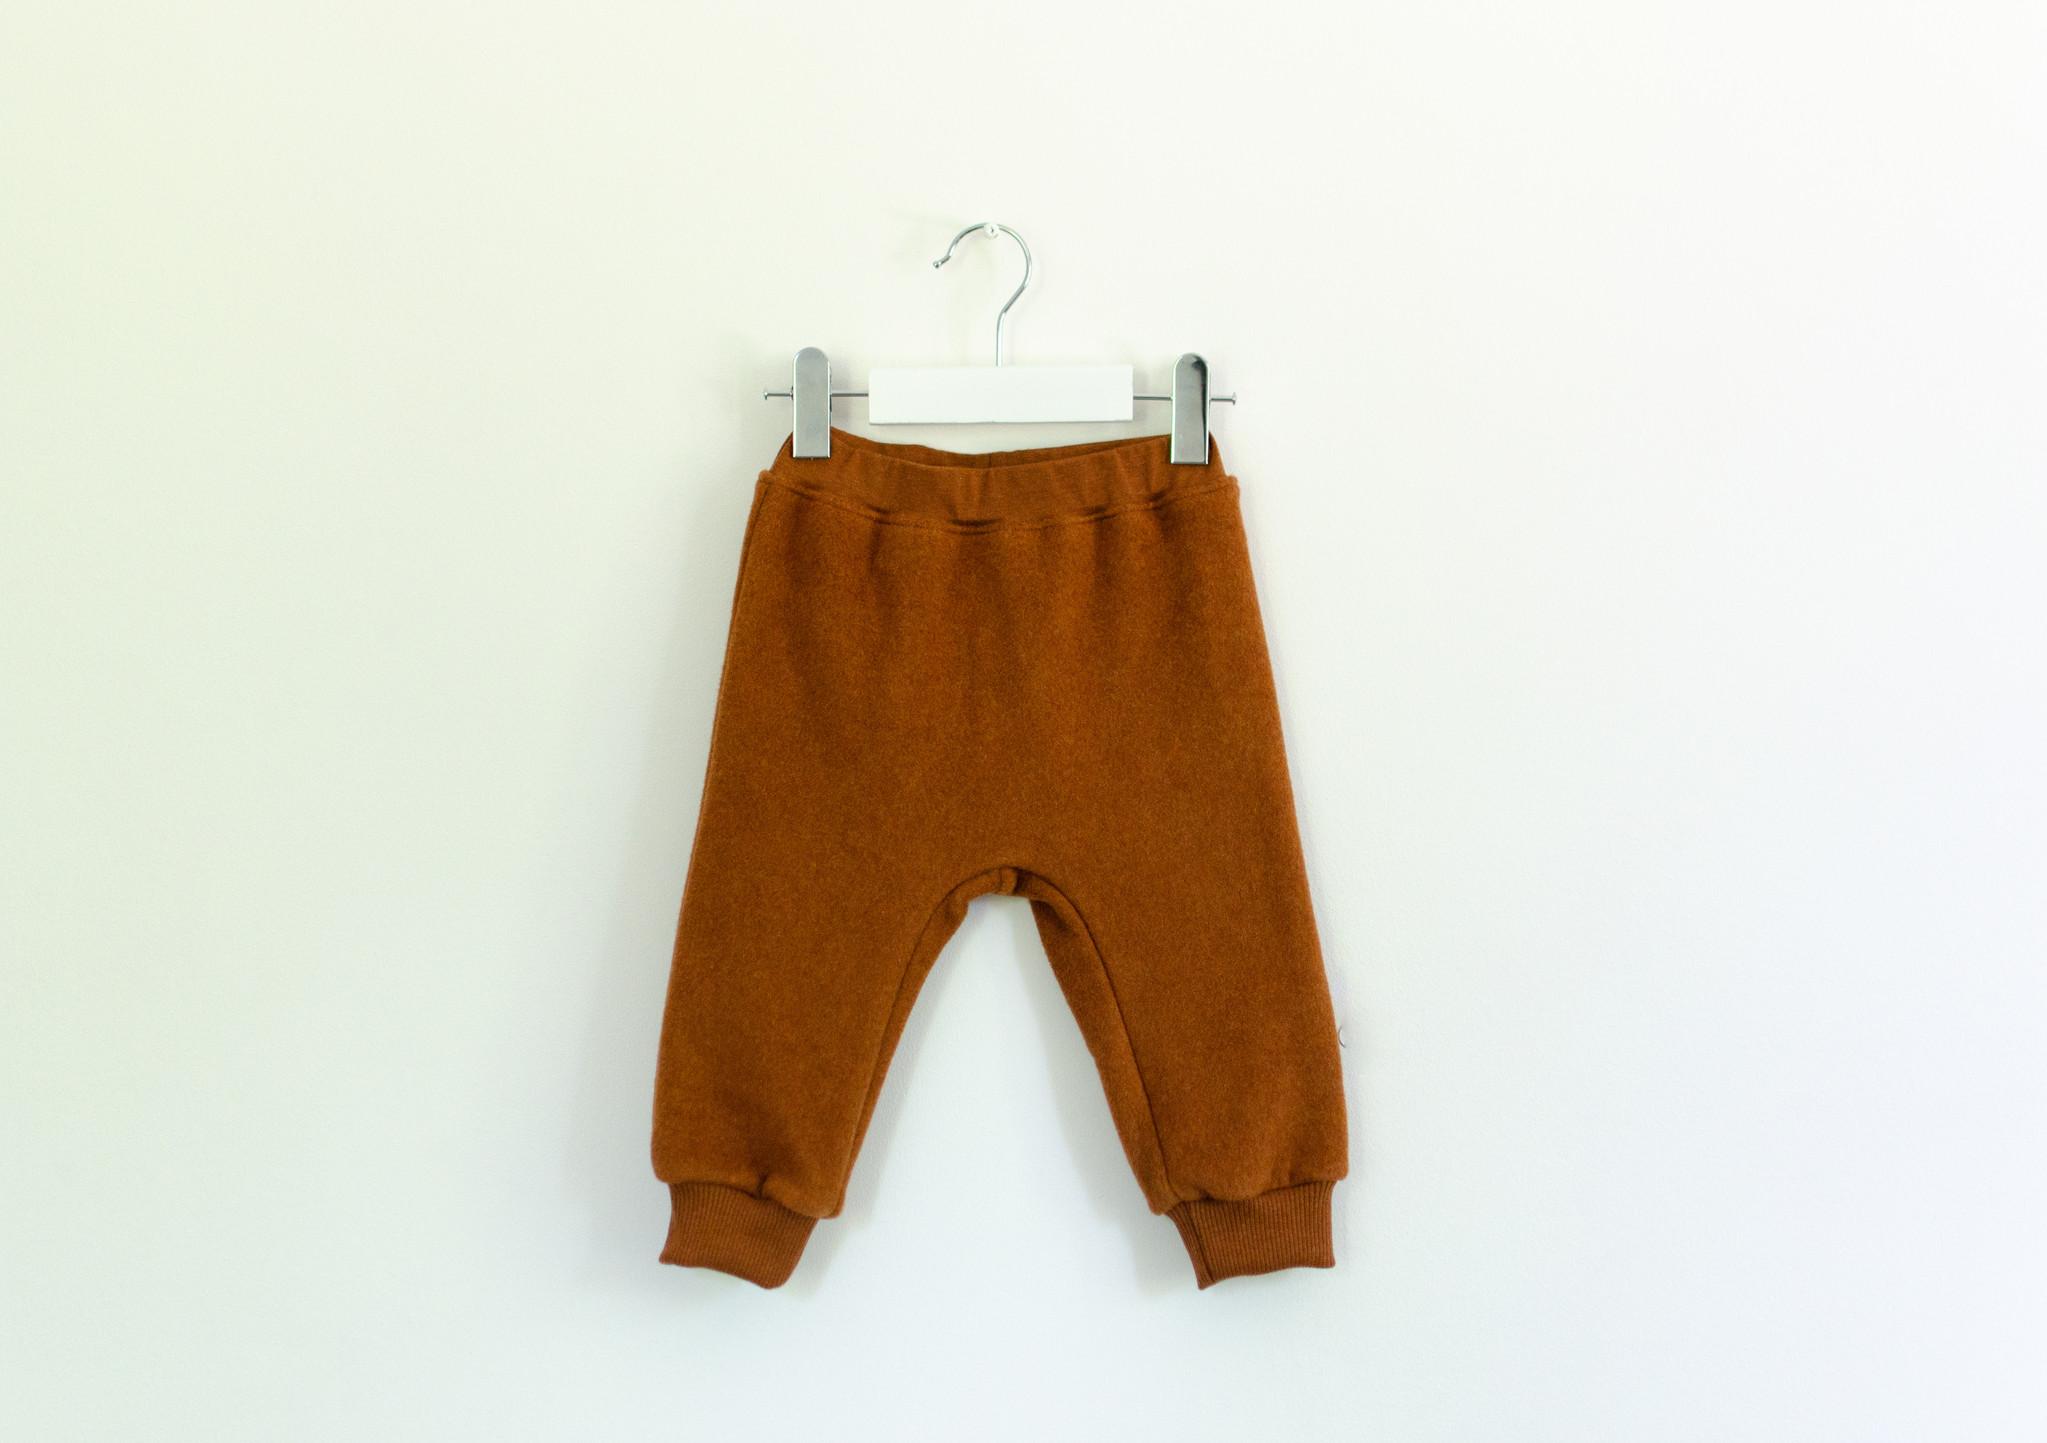 Bébé pantalons de couleur cuivre